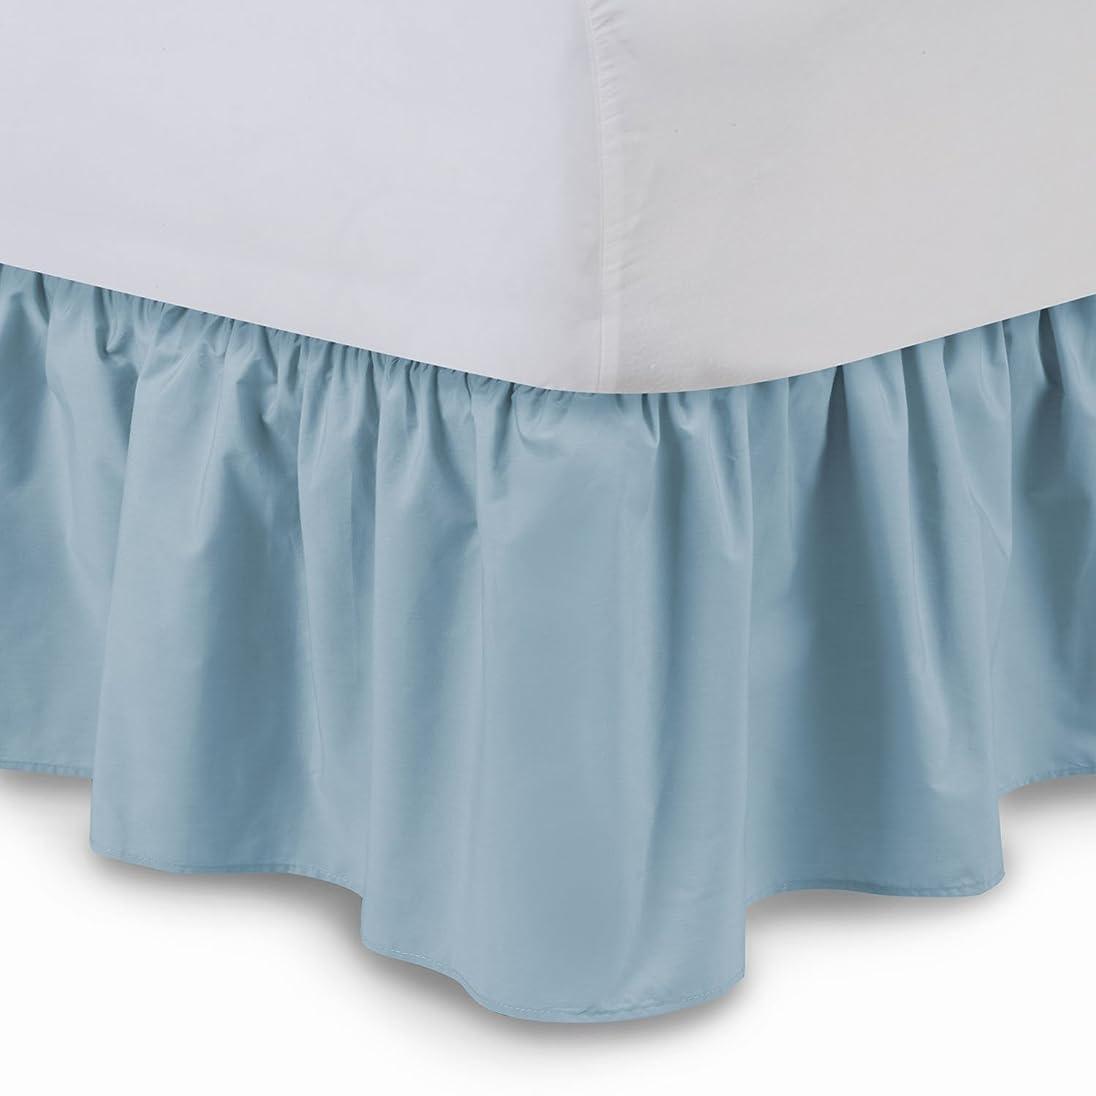 勤勉ホラー芝生Harmony Lane Shop Bedding フリル付きベッドスカート 14インチドロップ プラットフォーム付き 防しわ 色あせ防止  Twin - 14